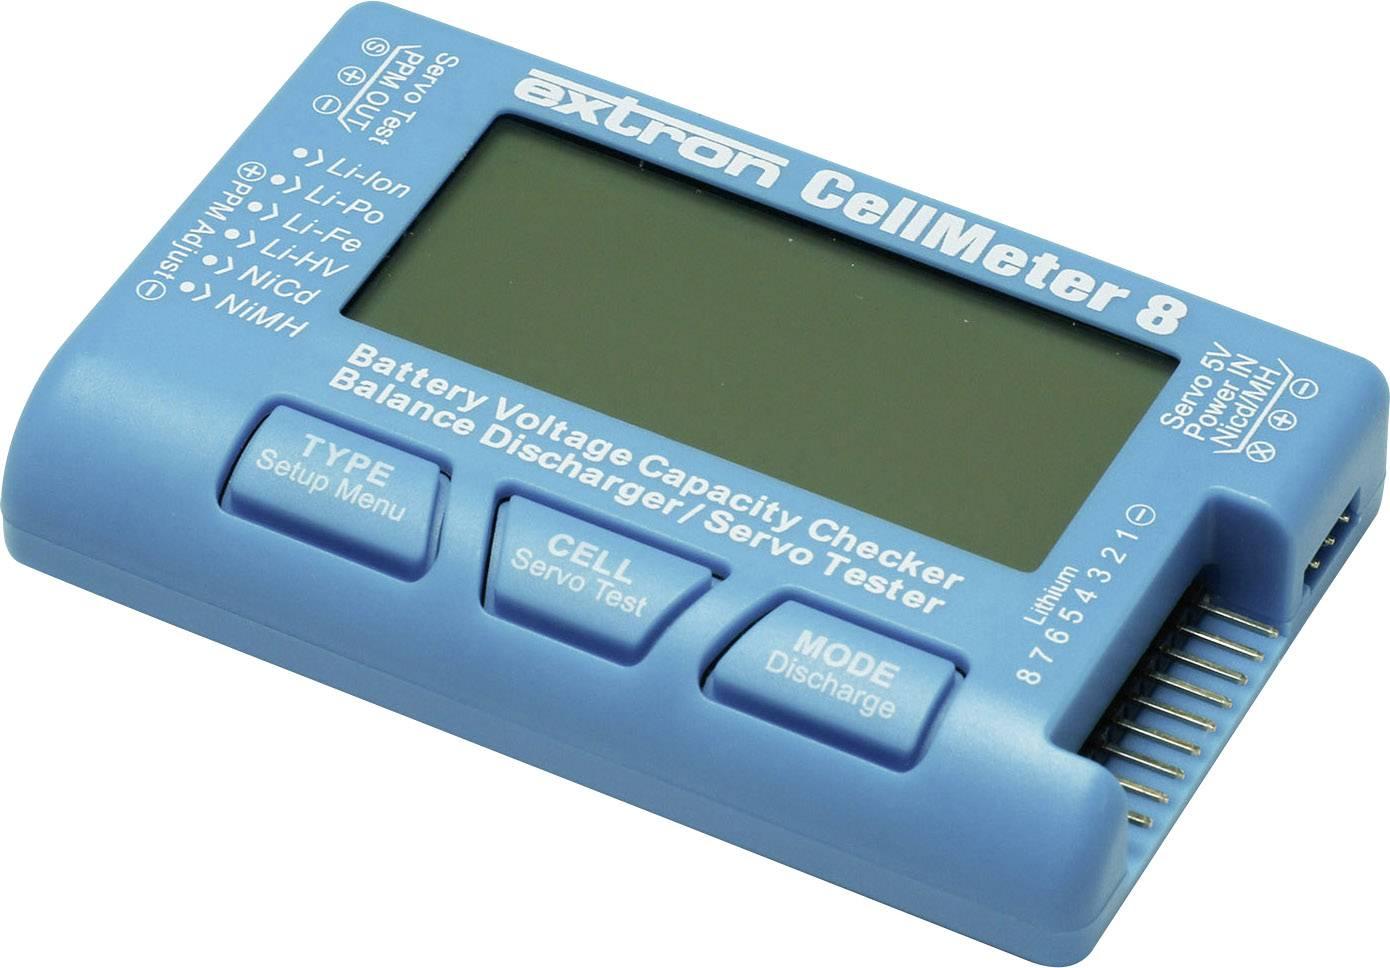 Tester batterie EXTRON Modellb